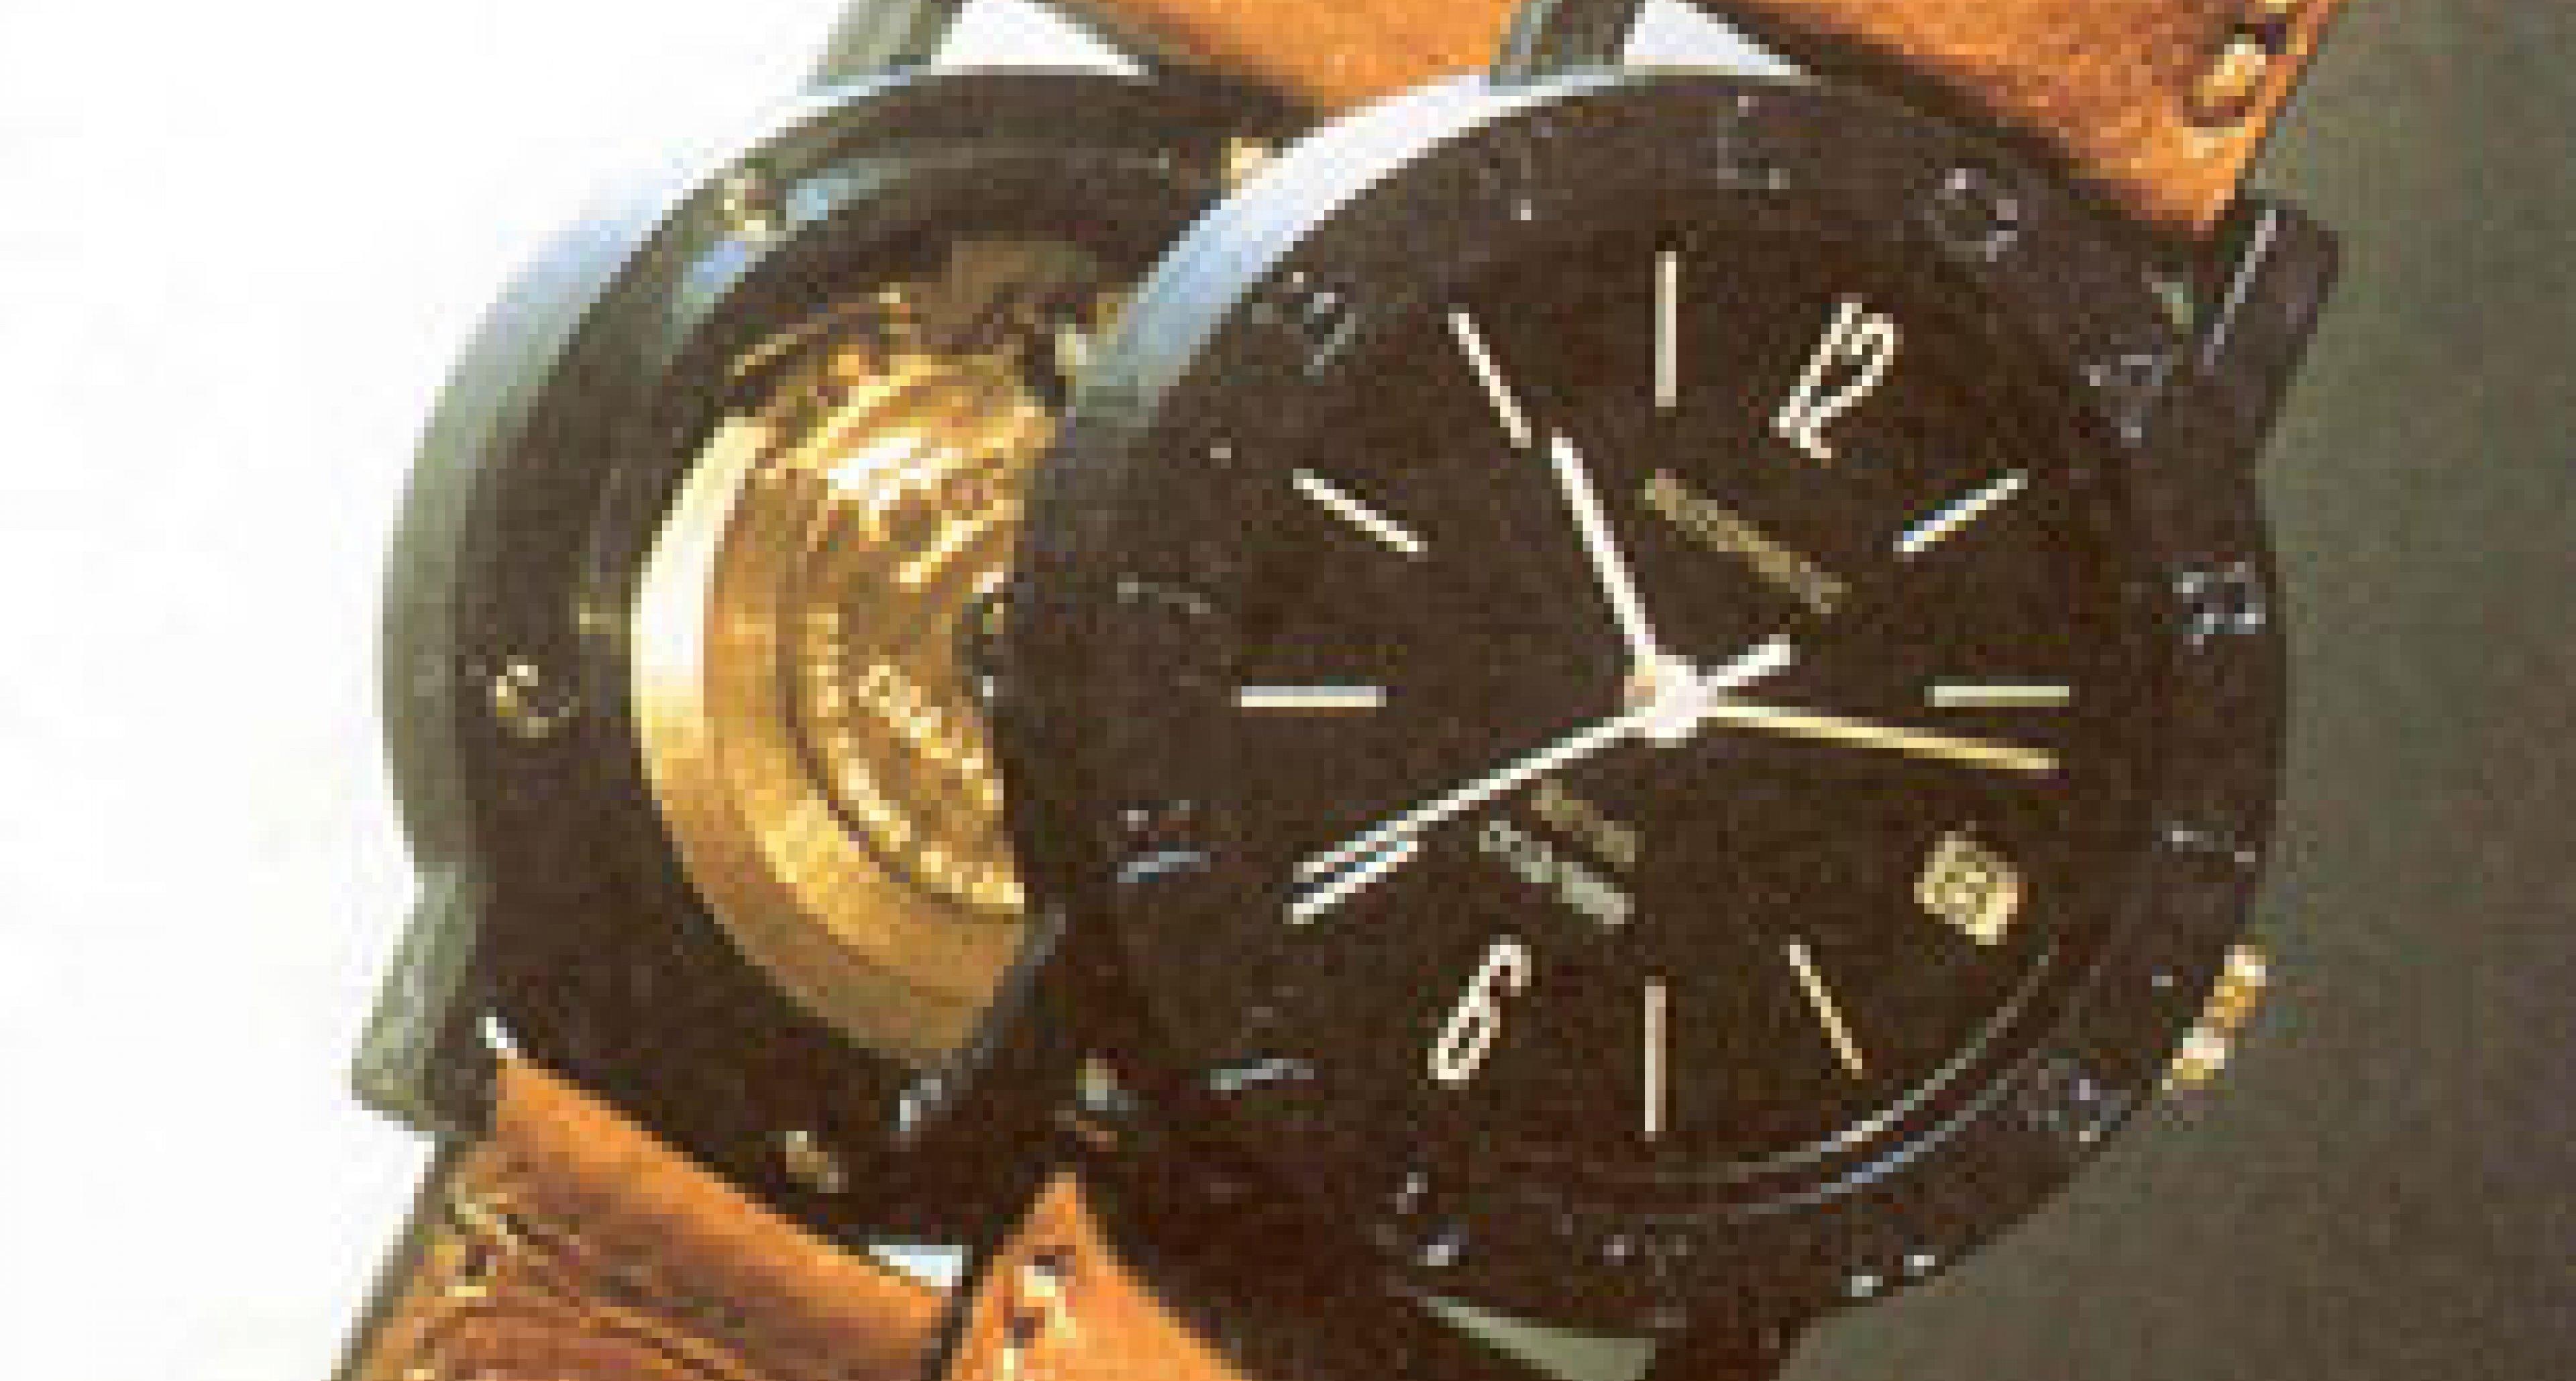 Icons of watchmaking history no.3: Bvlgari-Bvlgari by Bvlgari